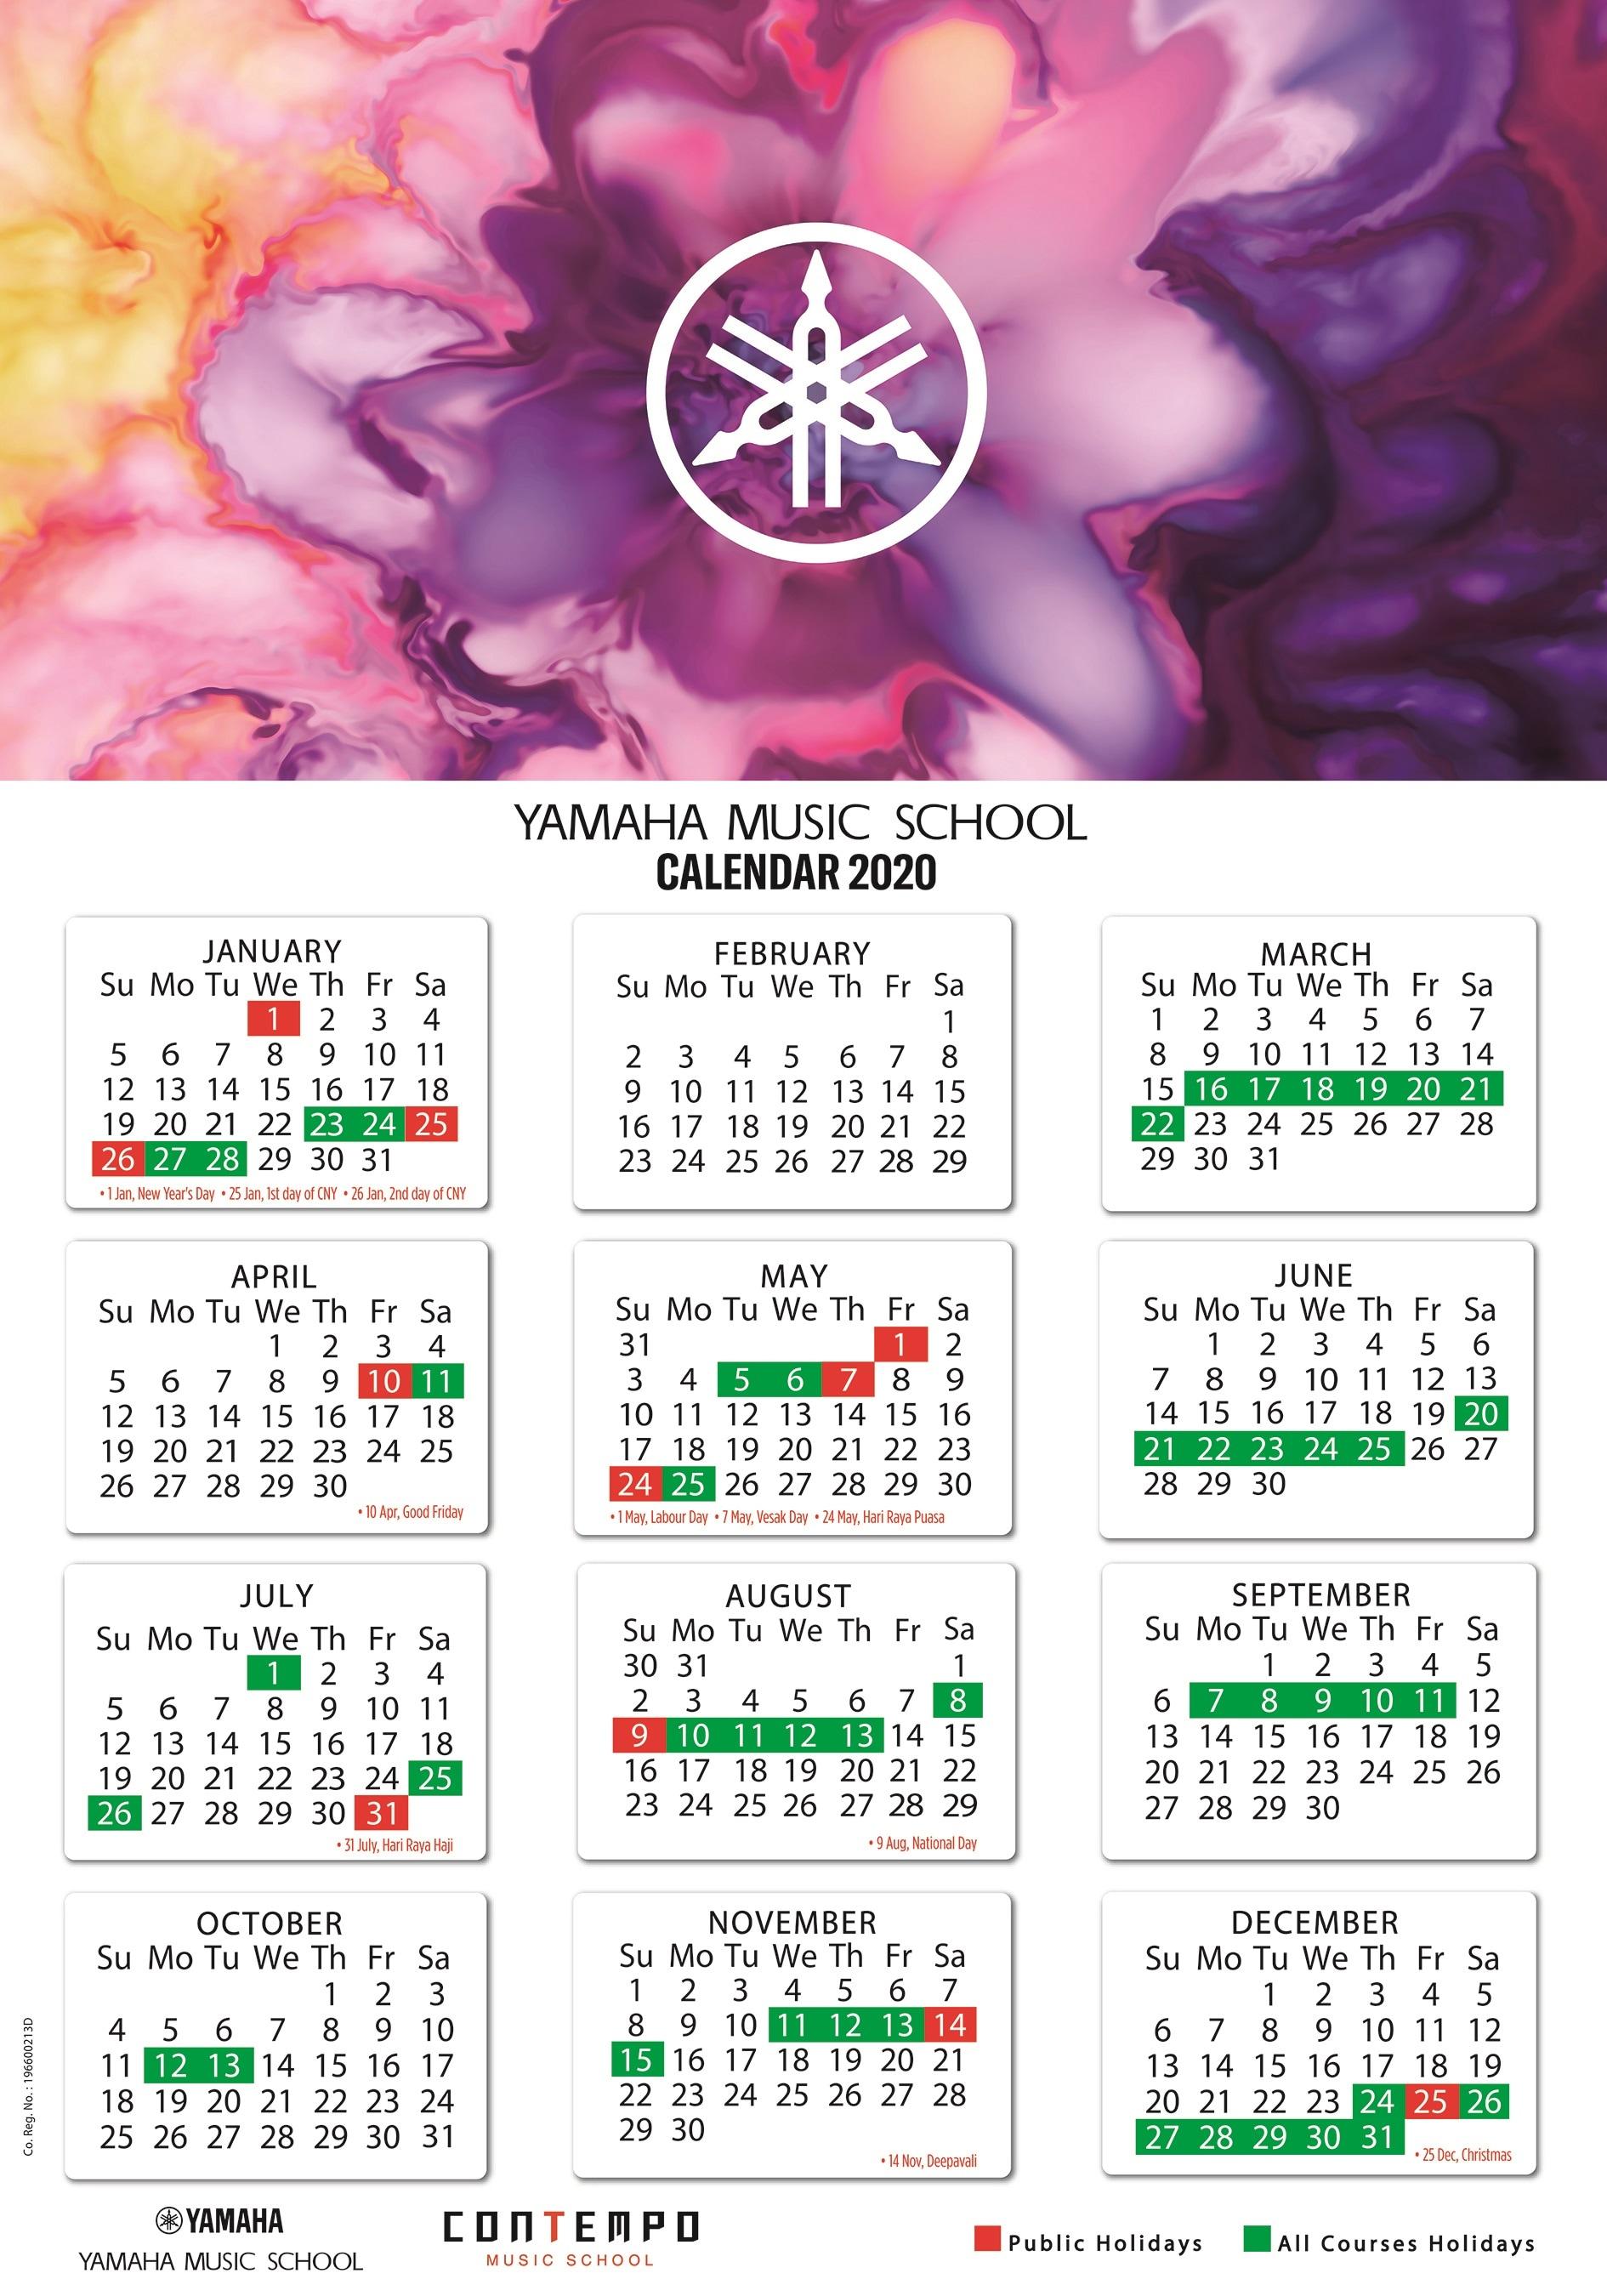 Yamaha Course Calendar 2020  Yamaha  Singapore throughout Yamaha Calendar 2020 Singapore